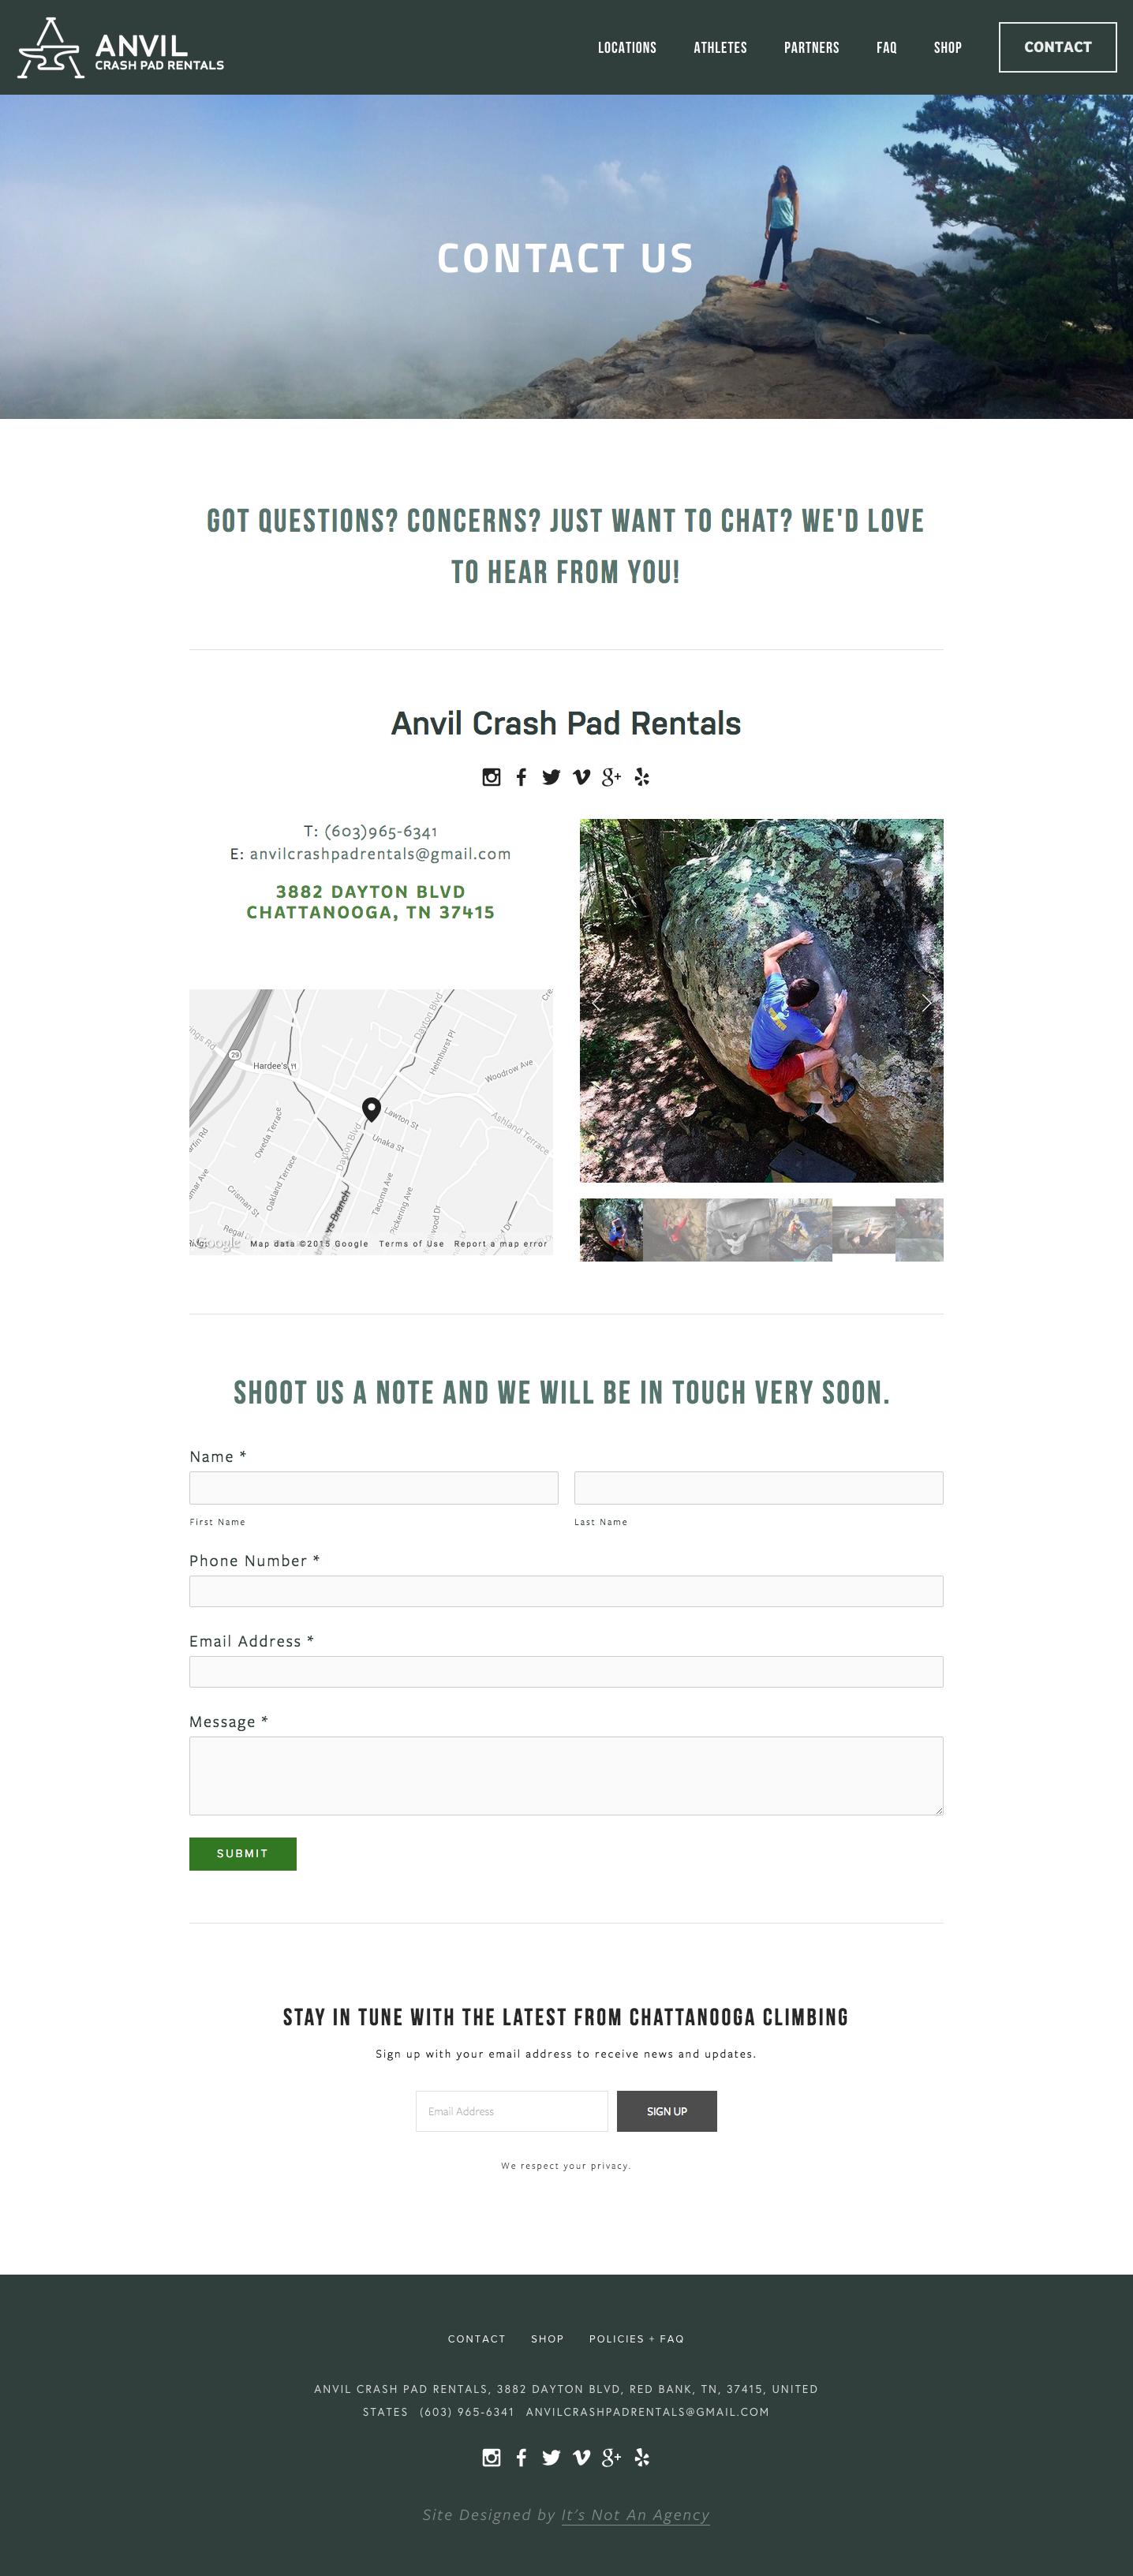 Ecommerce Website Design_Anvil Crash Pad Rentals3.png